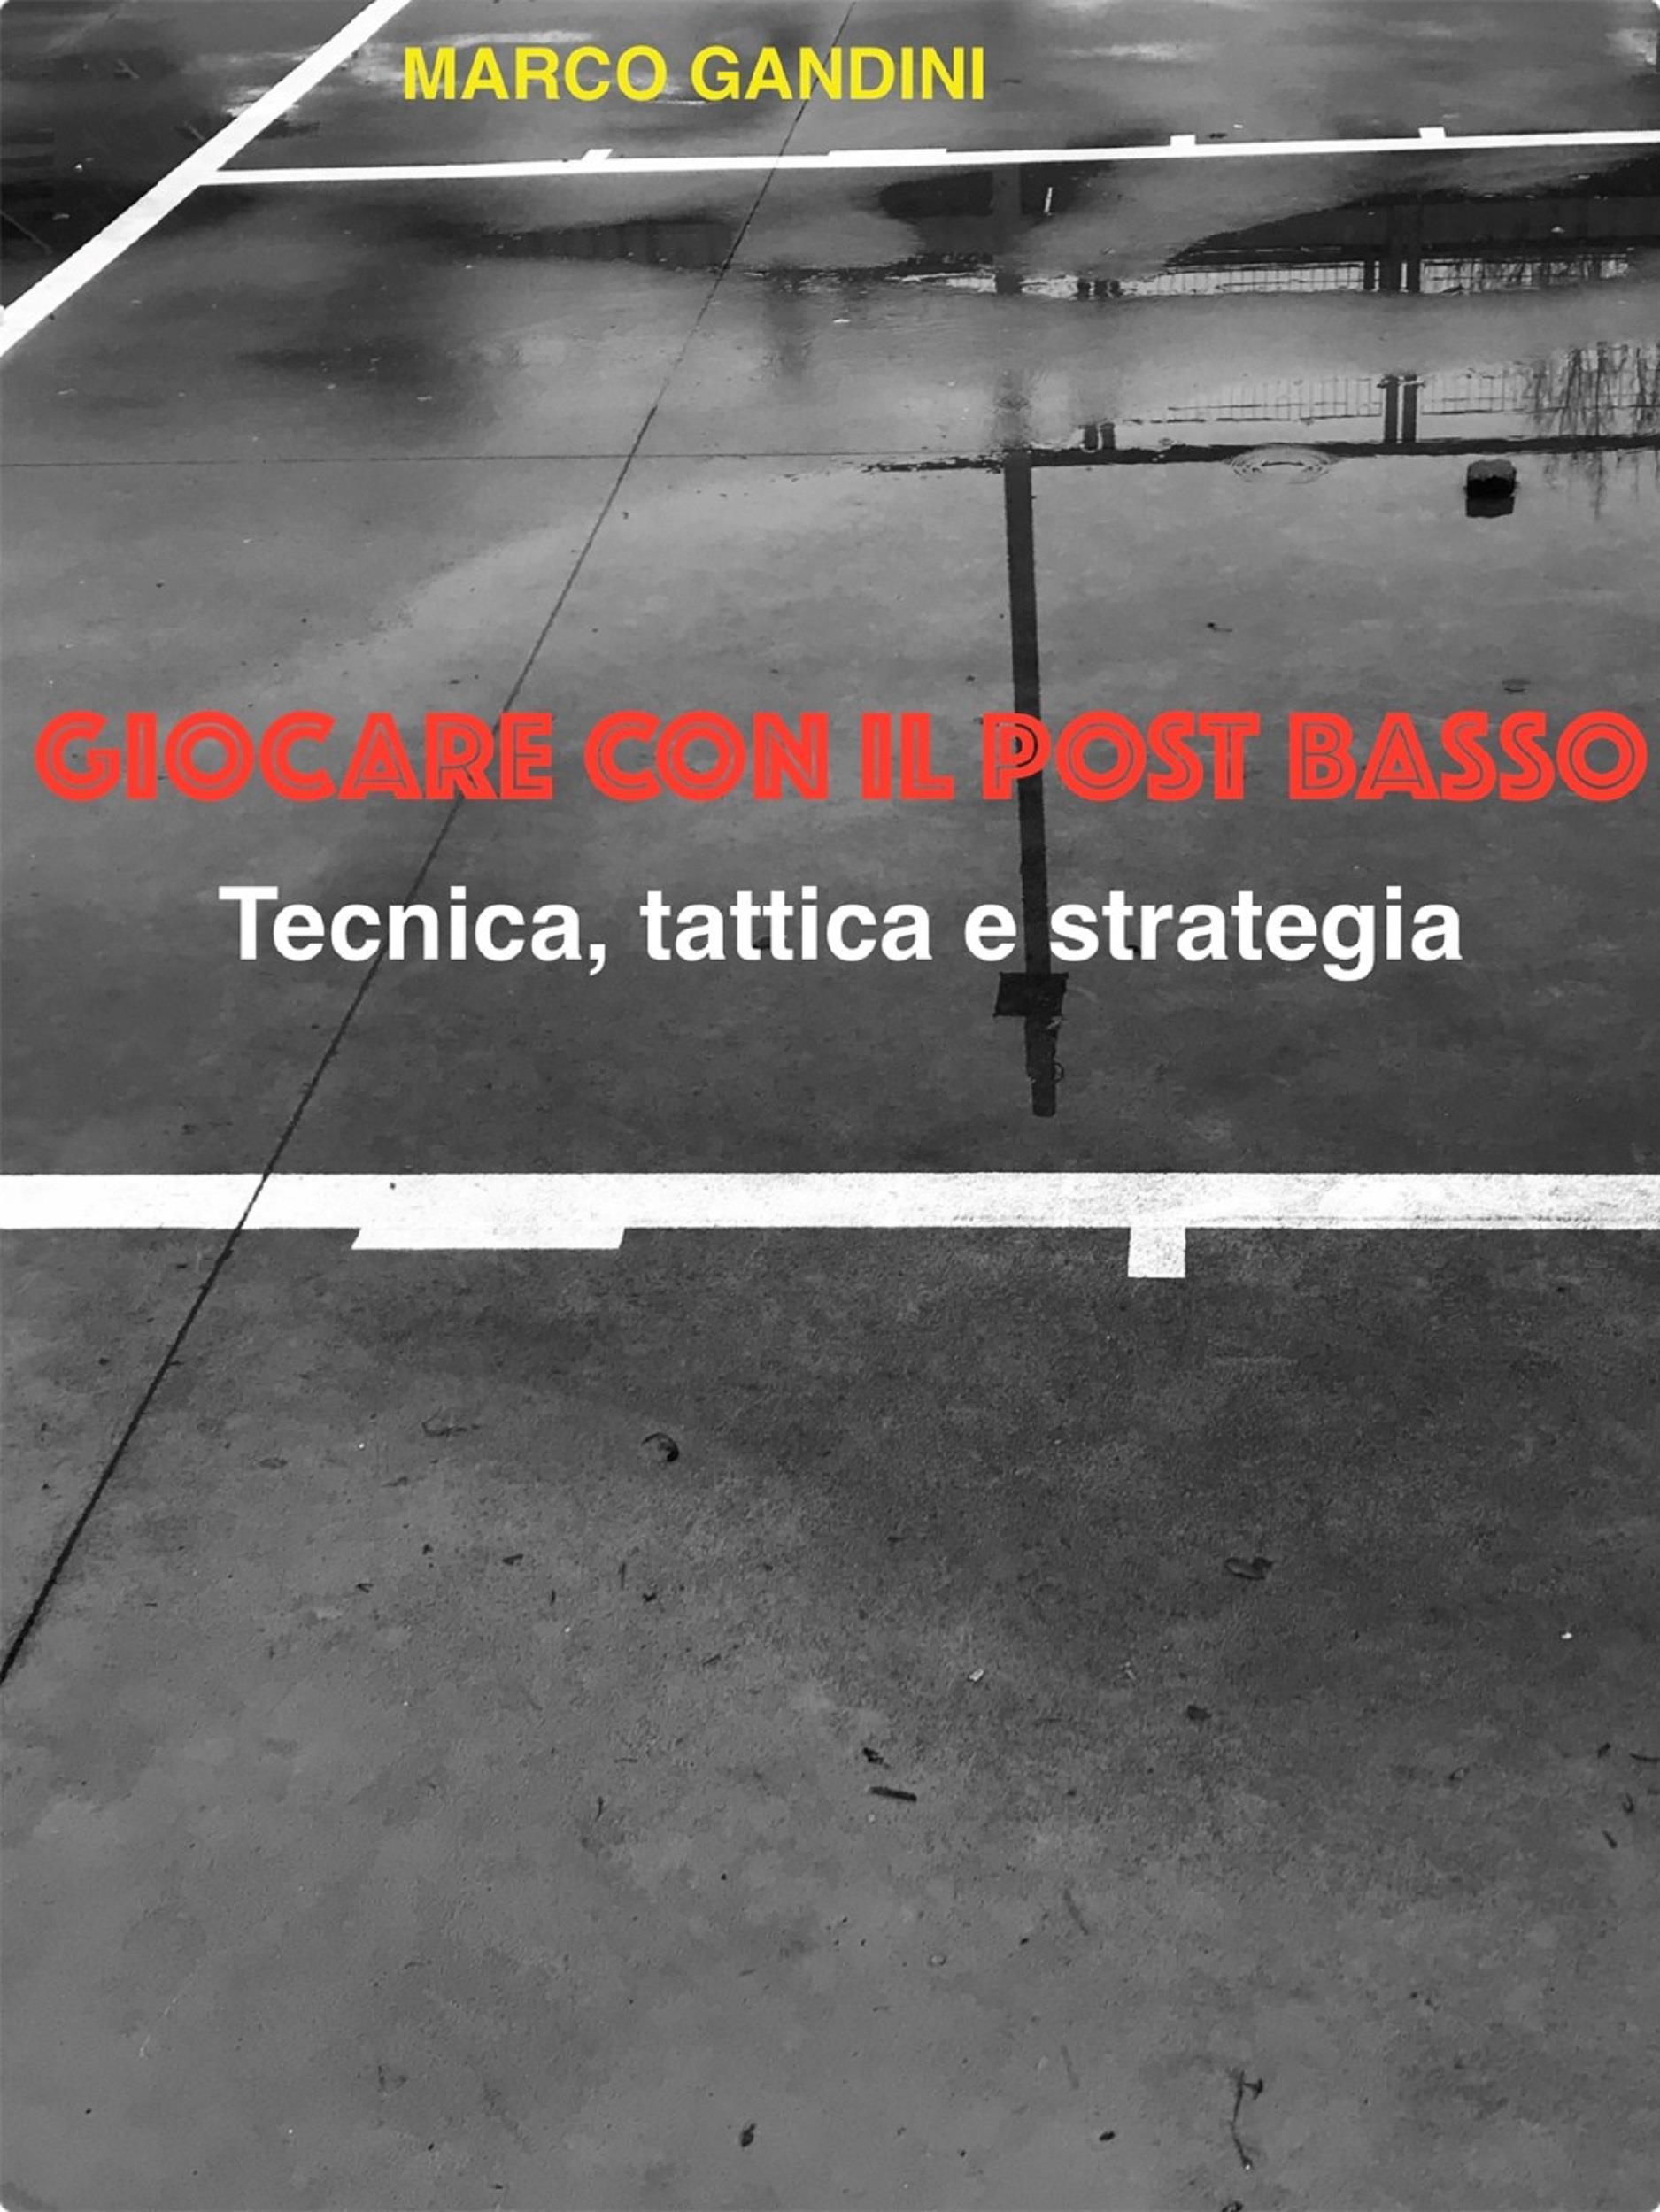 Giocare con il post basso - tecnica, tattica e strategia